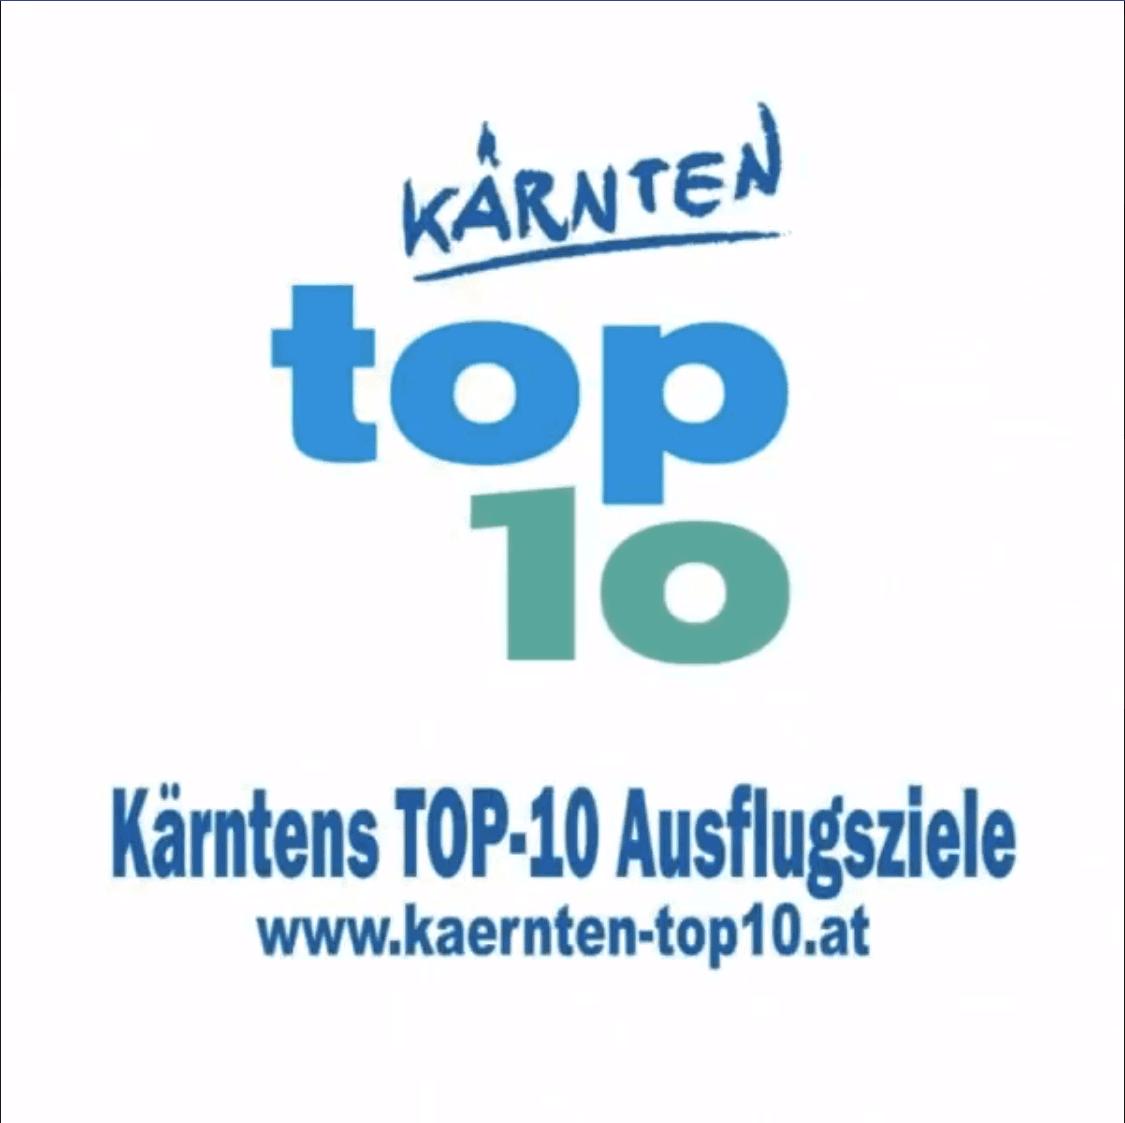 TOP-10 Kärnten - Reptilienzoo Happ Patenschaften - Logo Angebotsgruppe